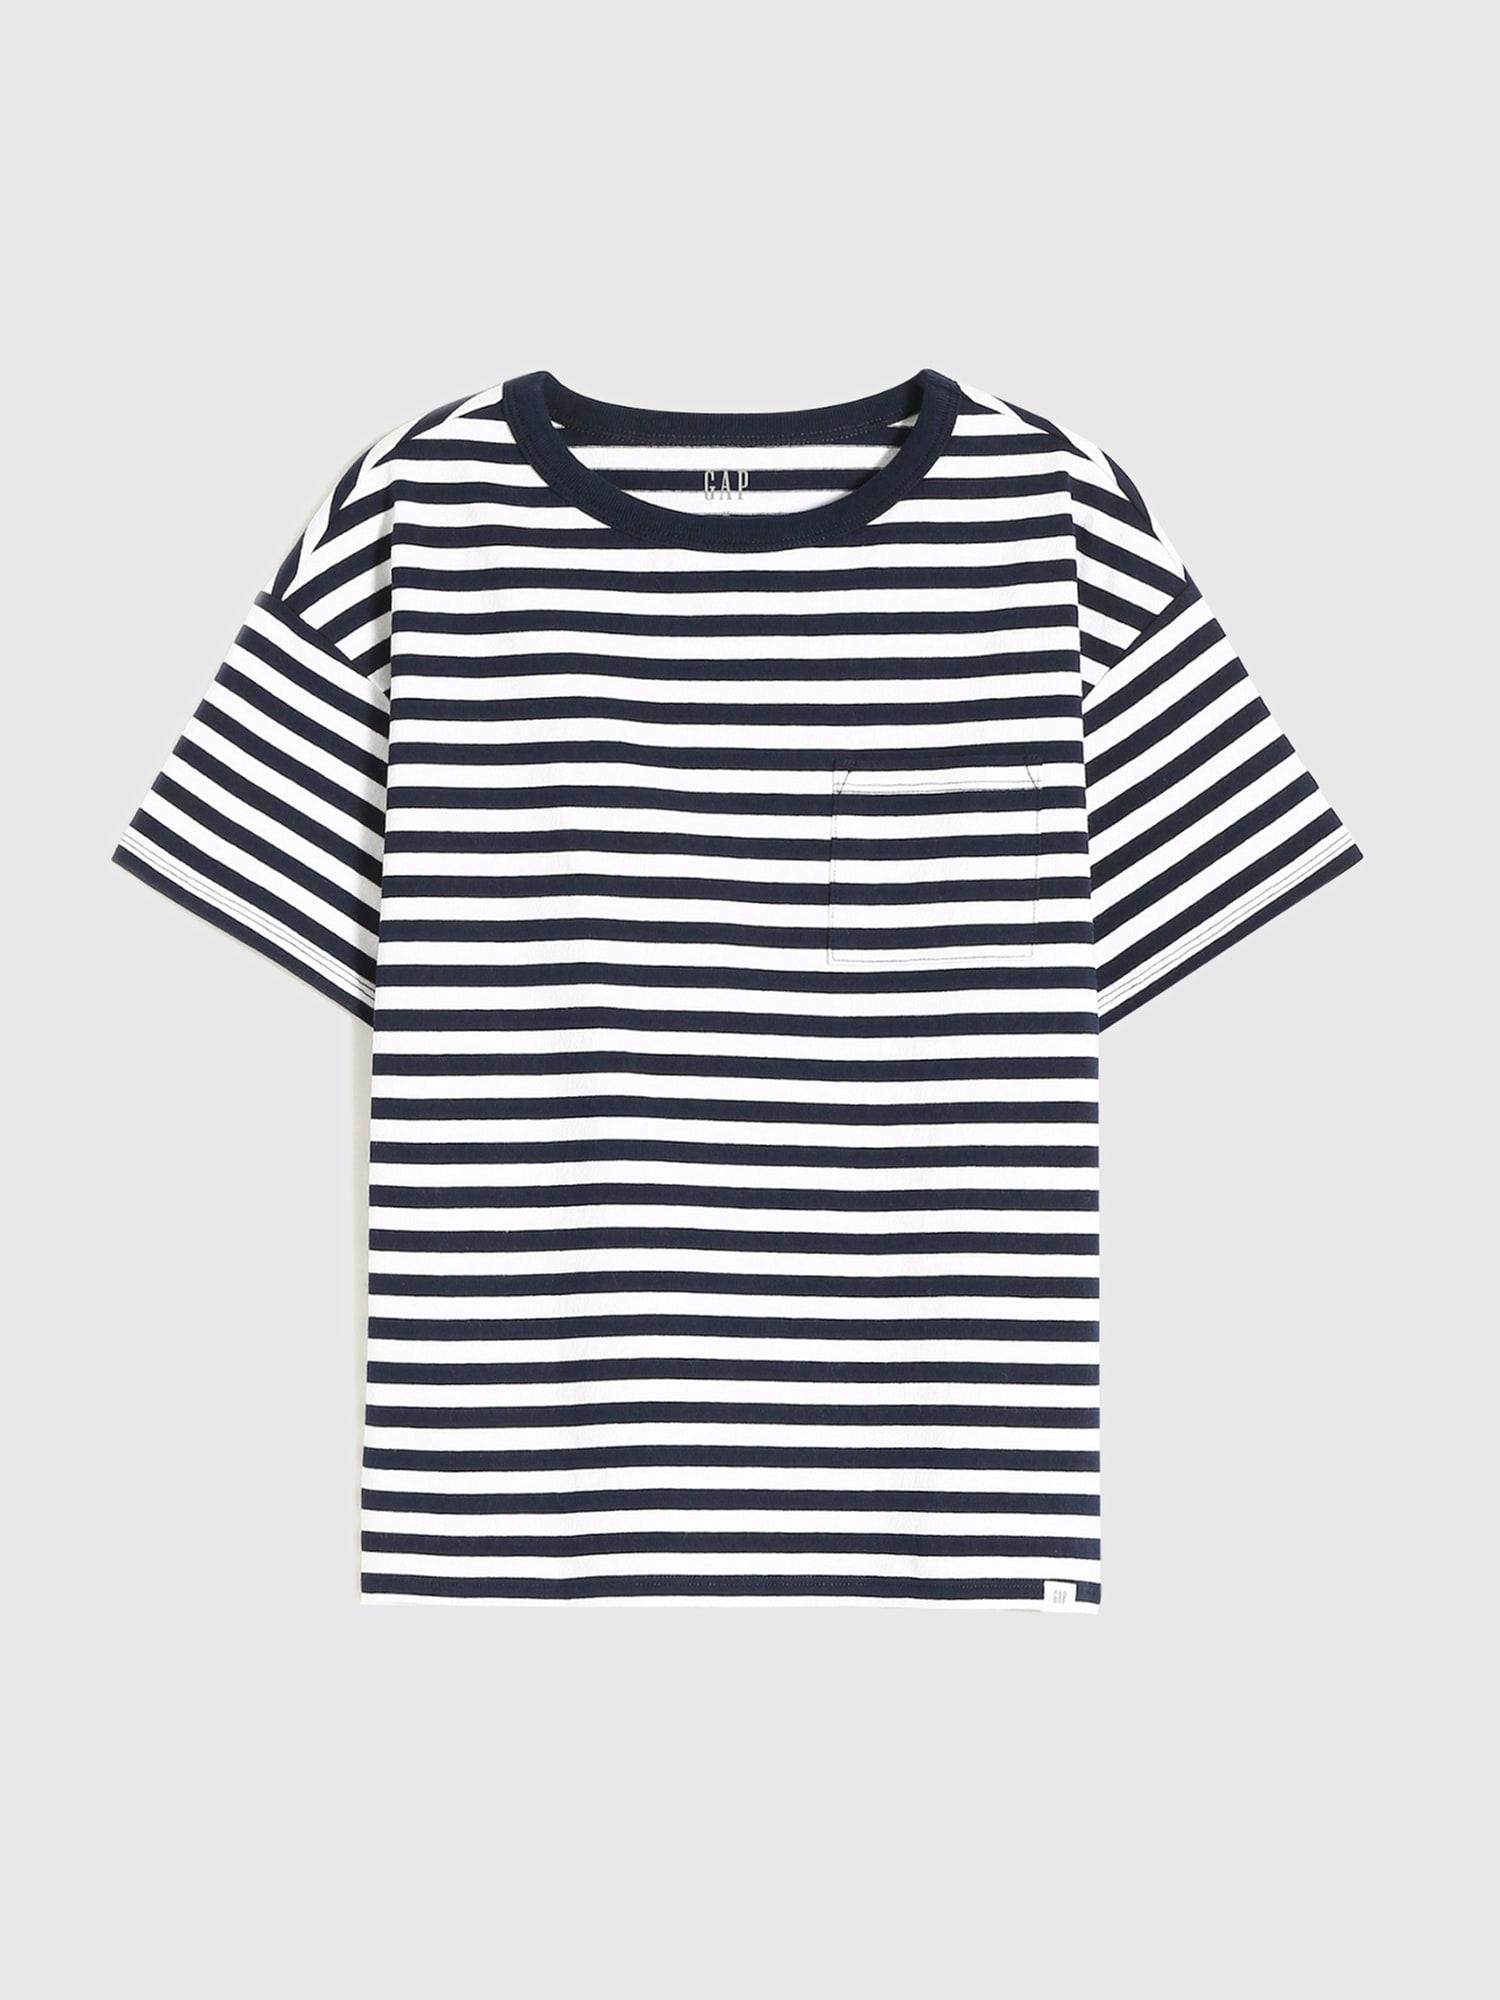 テックジャージ 半袖tシャツ